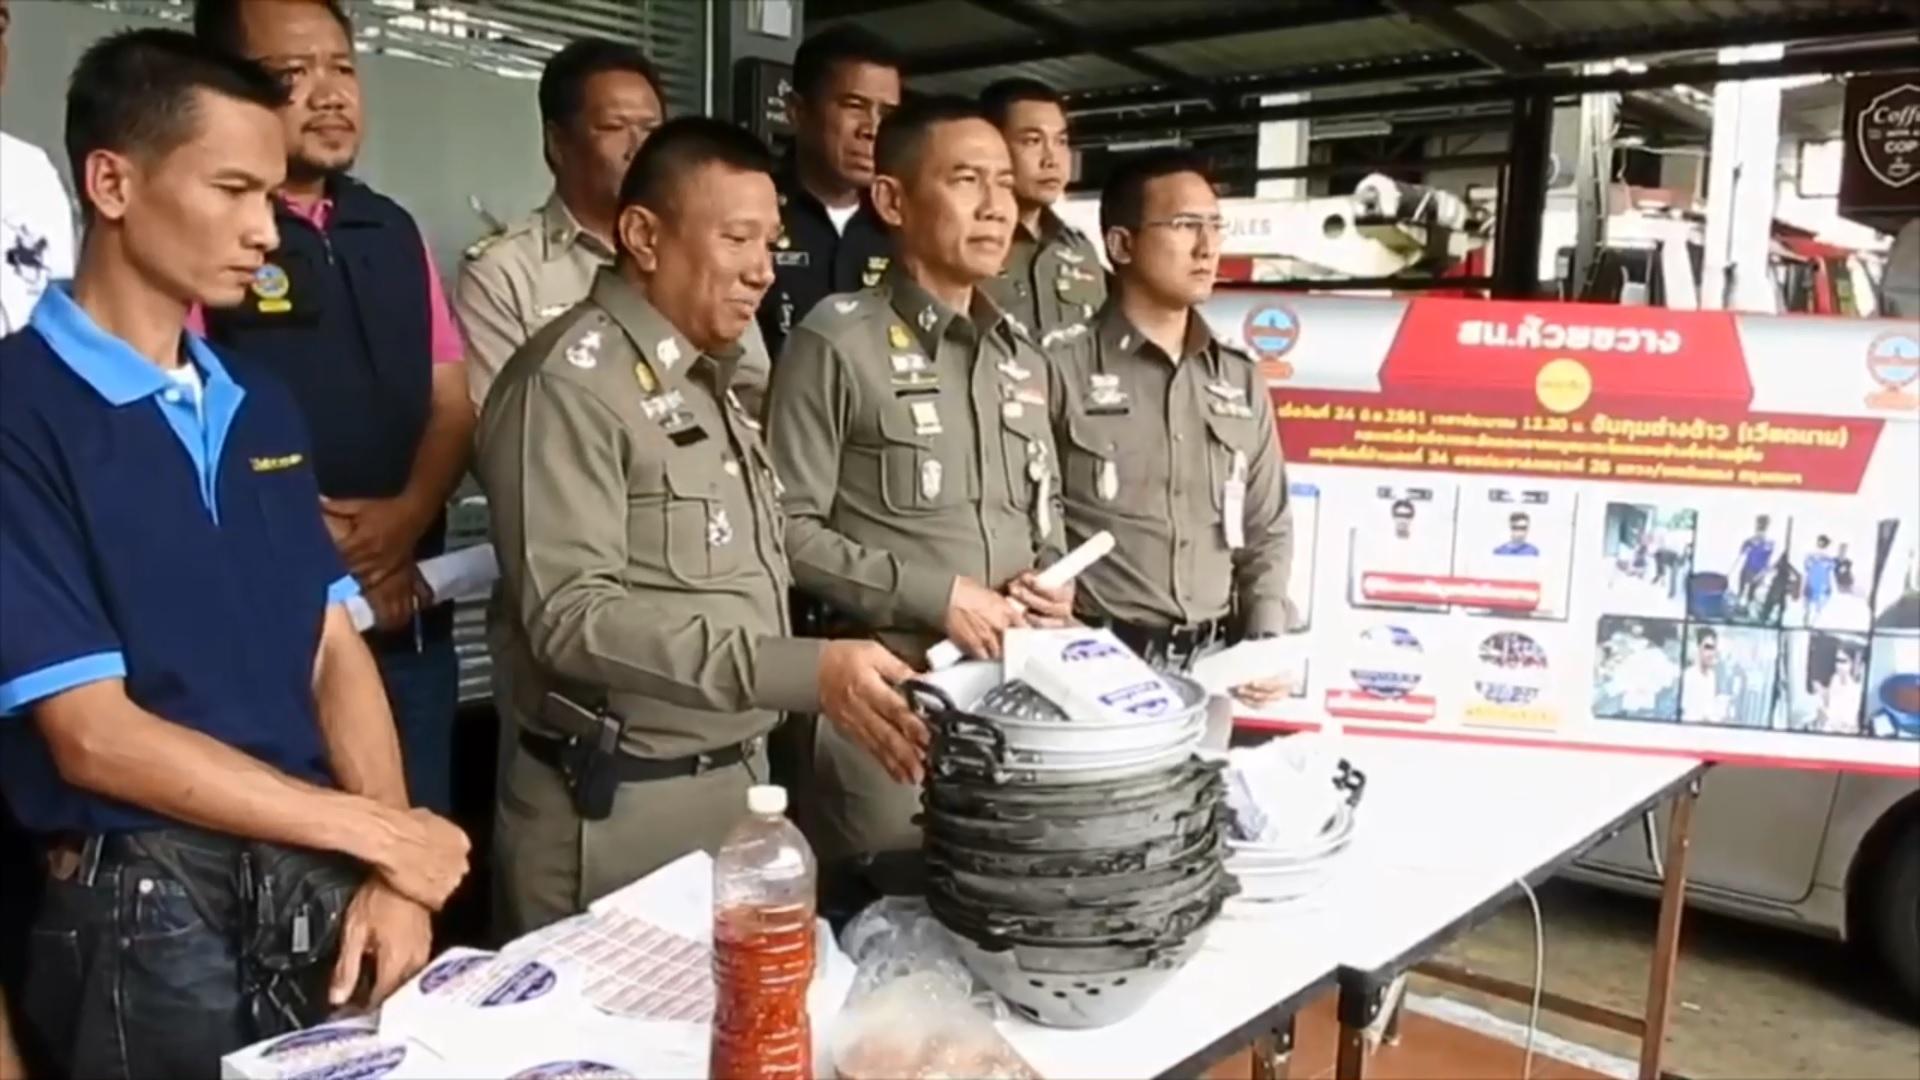 พลตำรวจตรีสมพงษ์ ชิงดวง รองผู้บัญชาการตำรวจนครบาล แถลงจับกุม